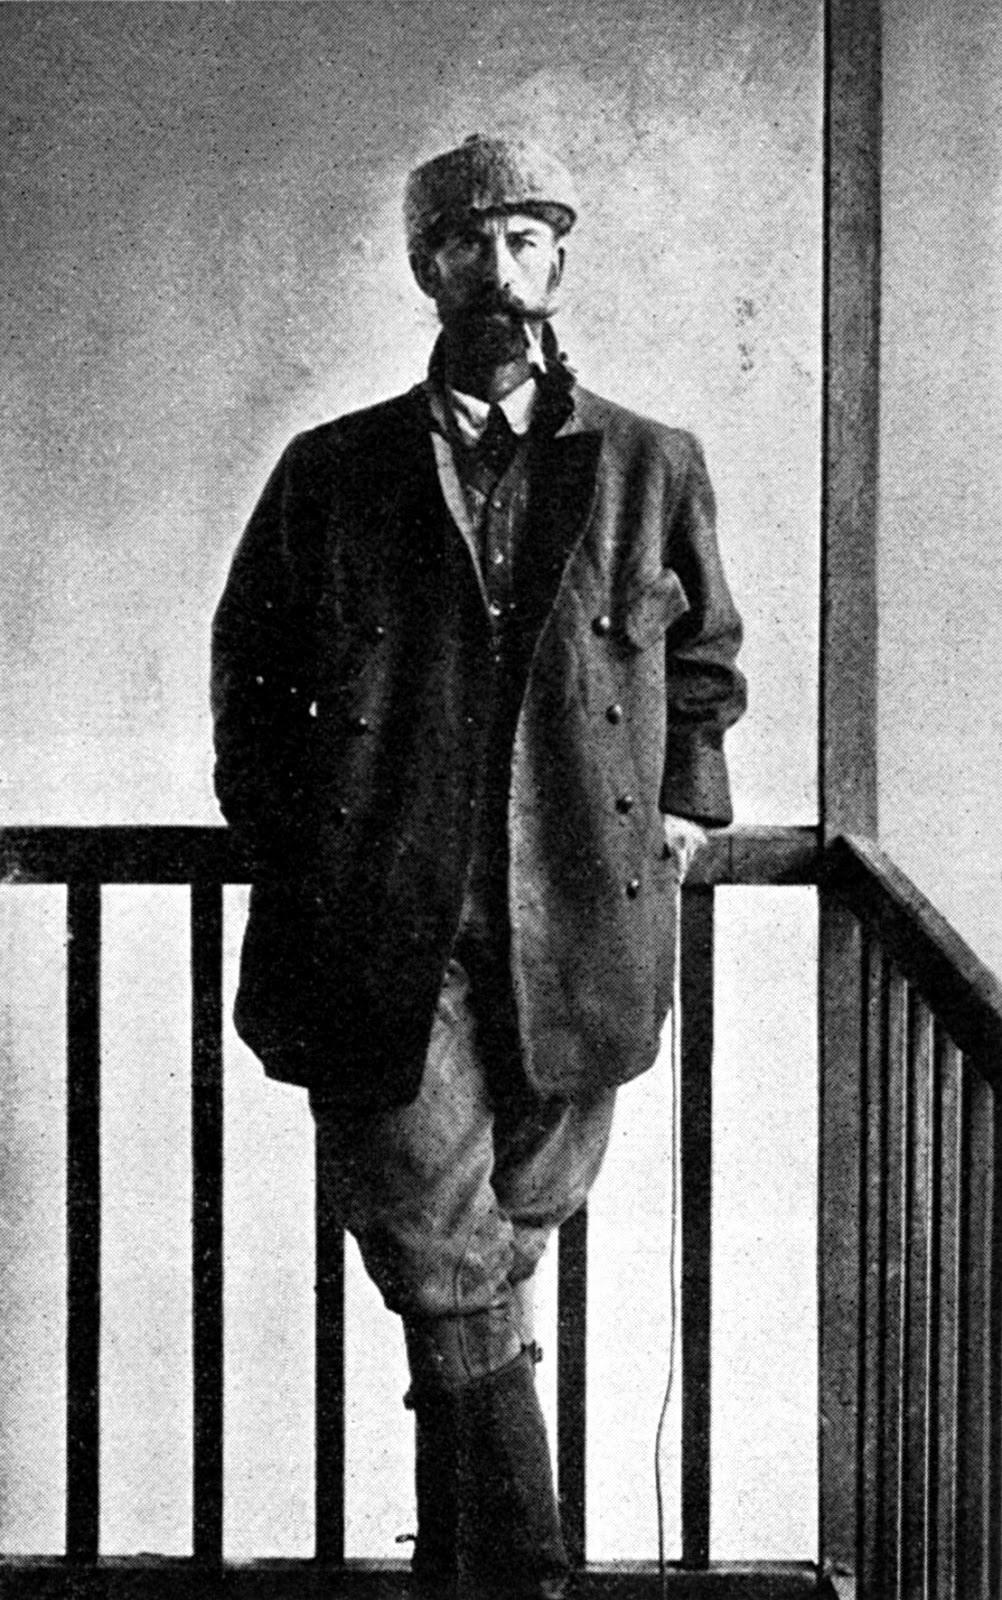 Colonel Percy Fawcett